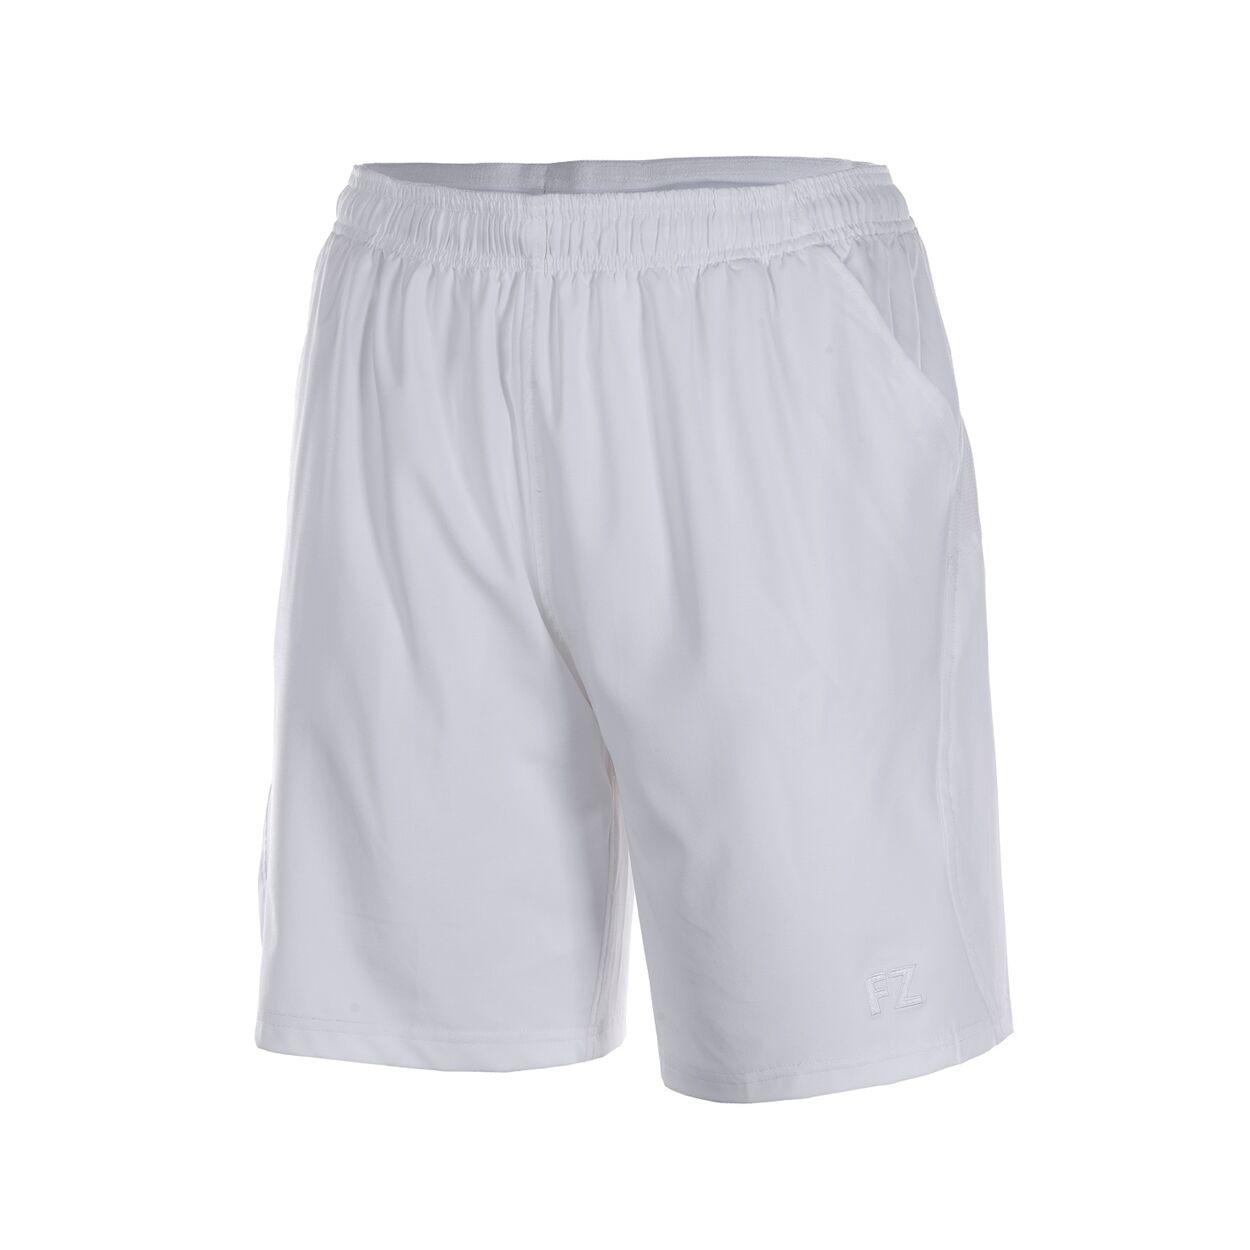 FZ Forza Ajax Shorts Men White L